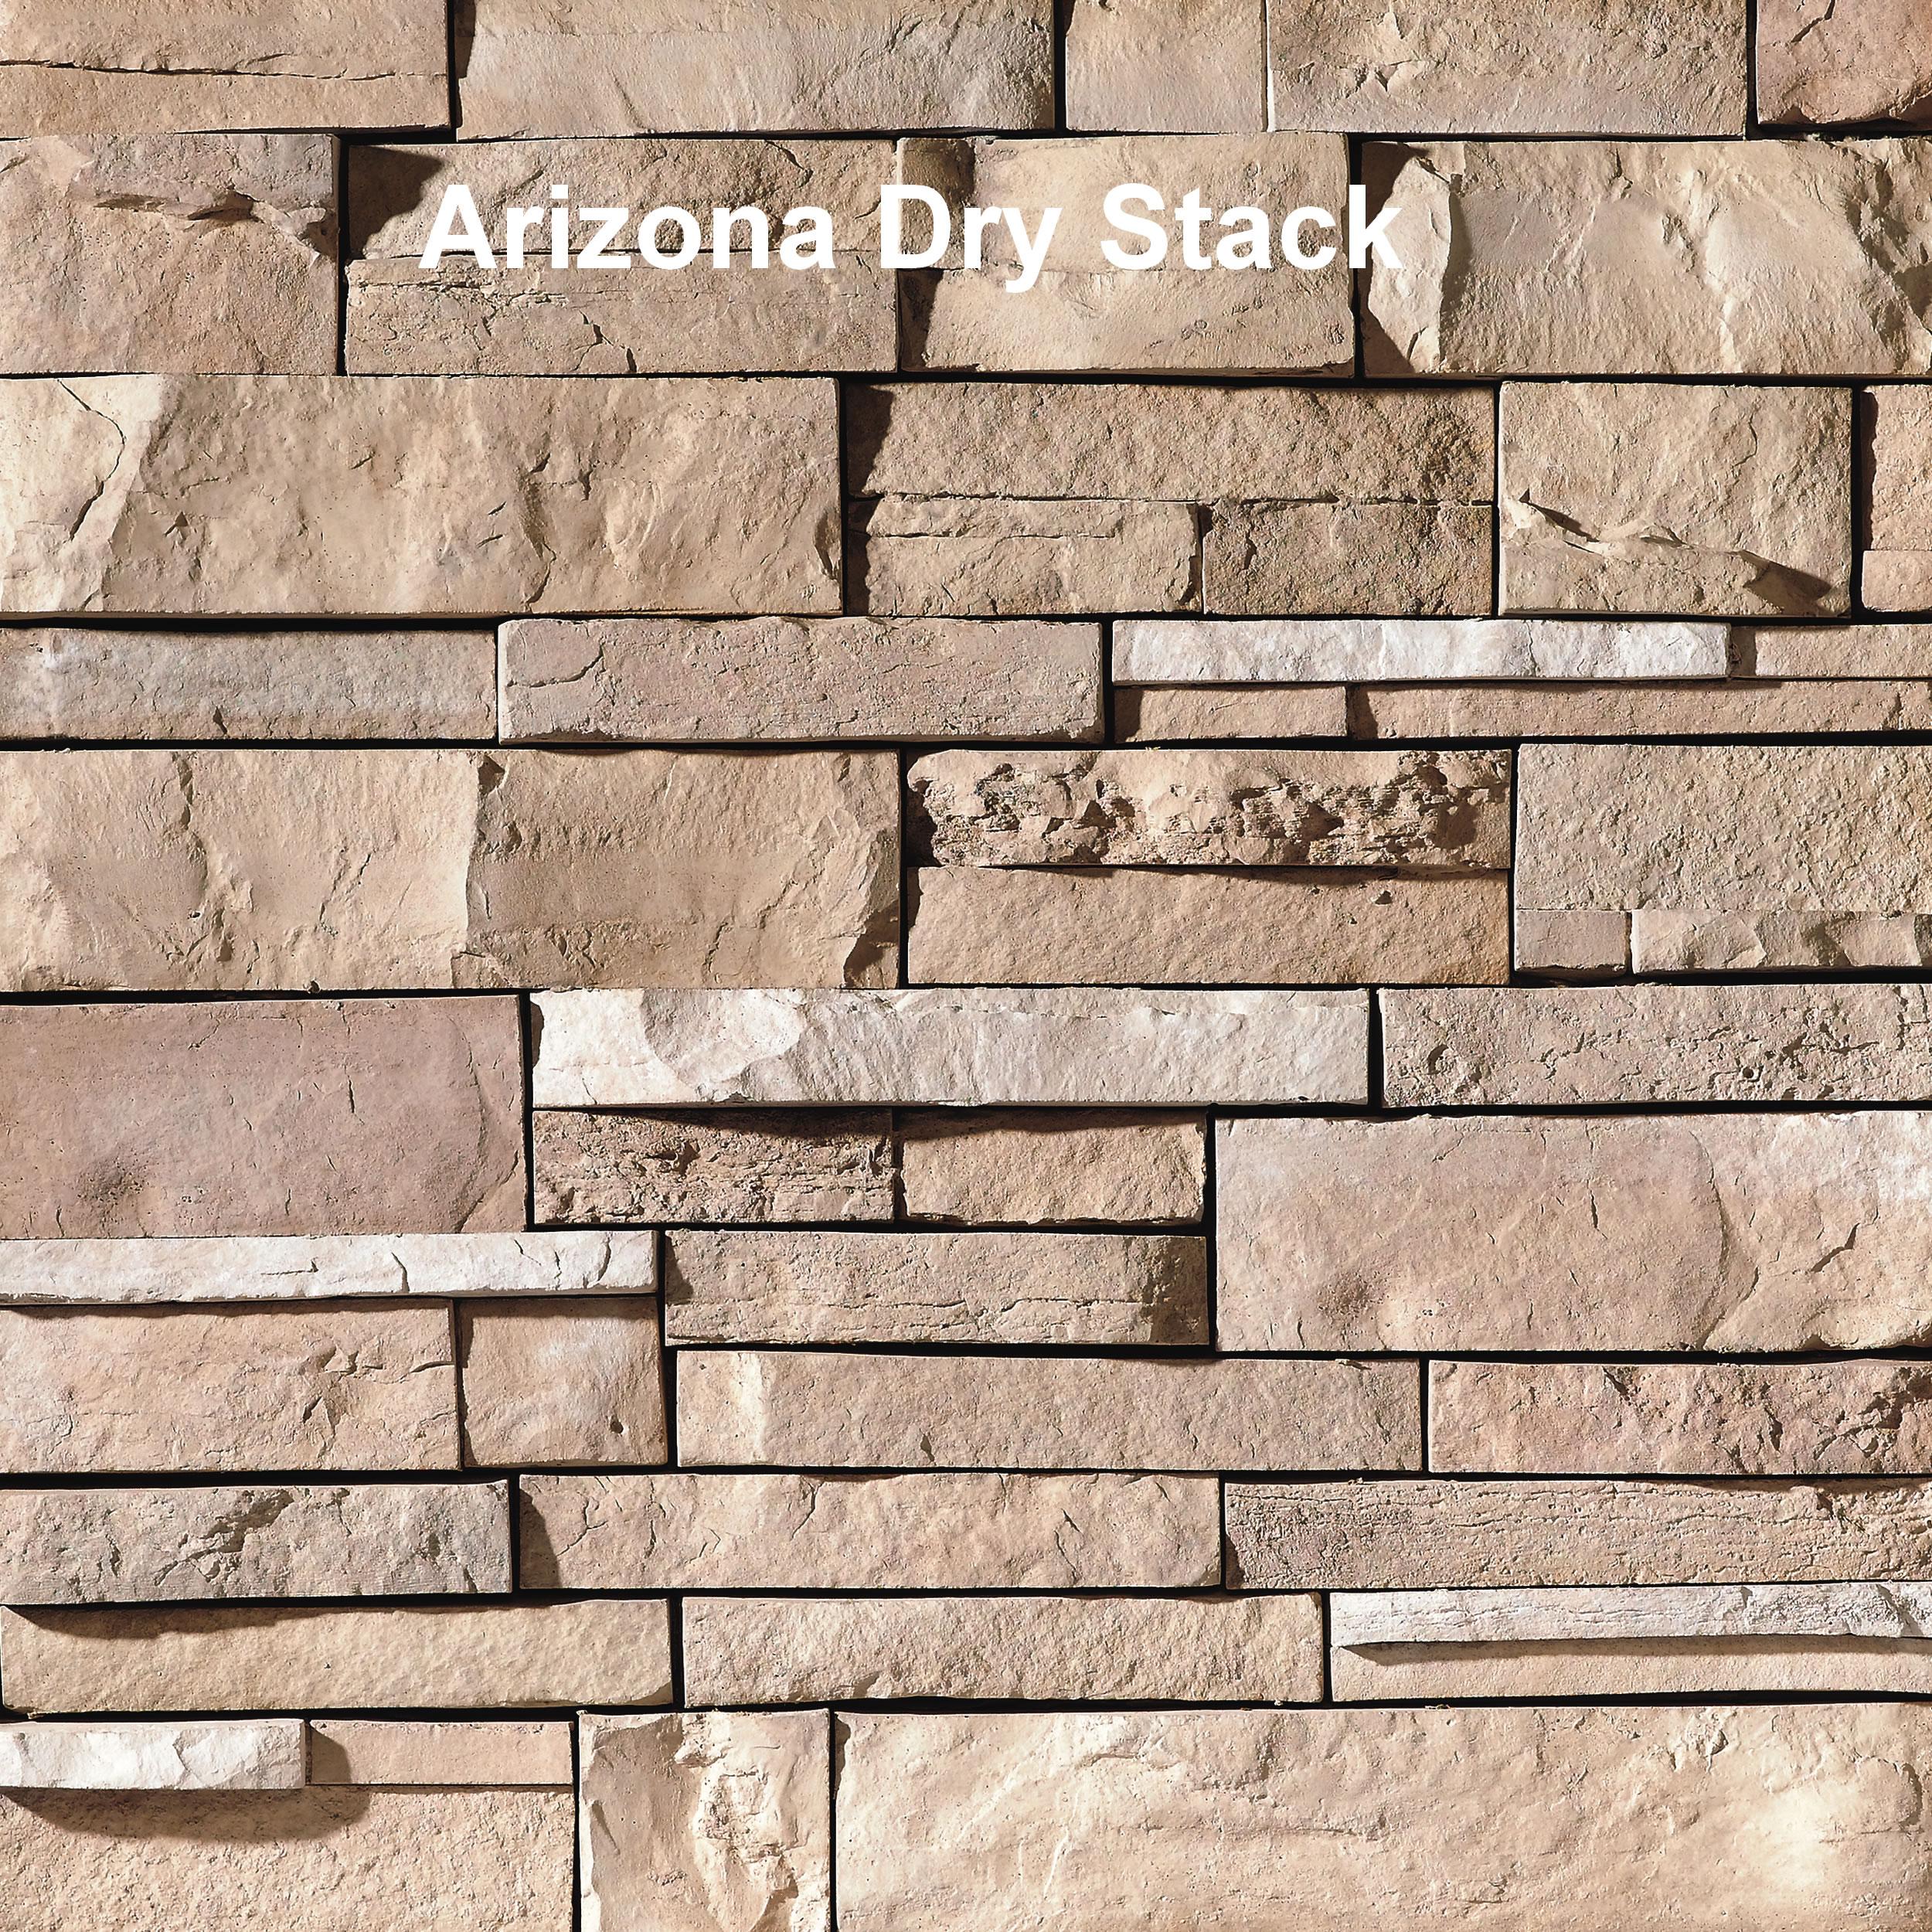 DQ_Dry Stack_Arizona_Profile.jpg